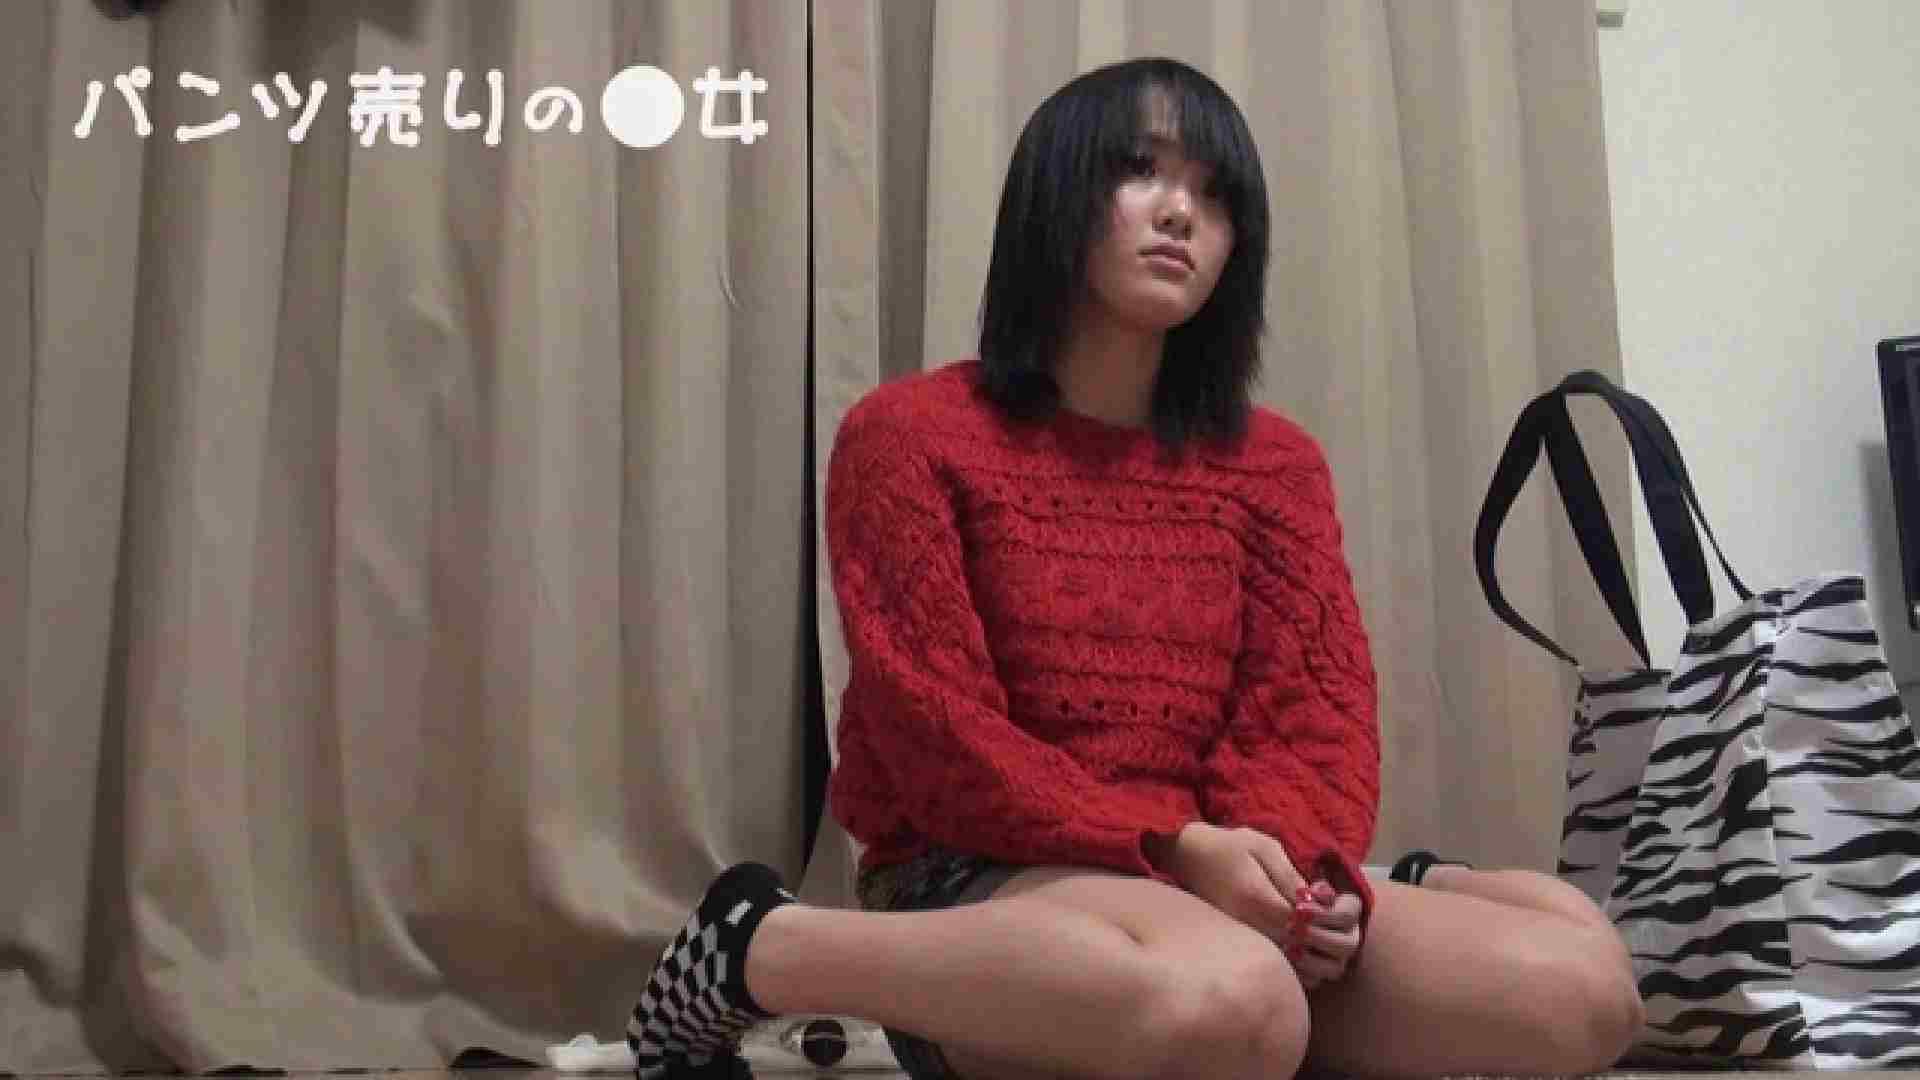 新説 パンツ売りの女の子mizuki 一般投稿  69pic 8